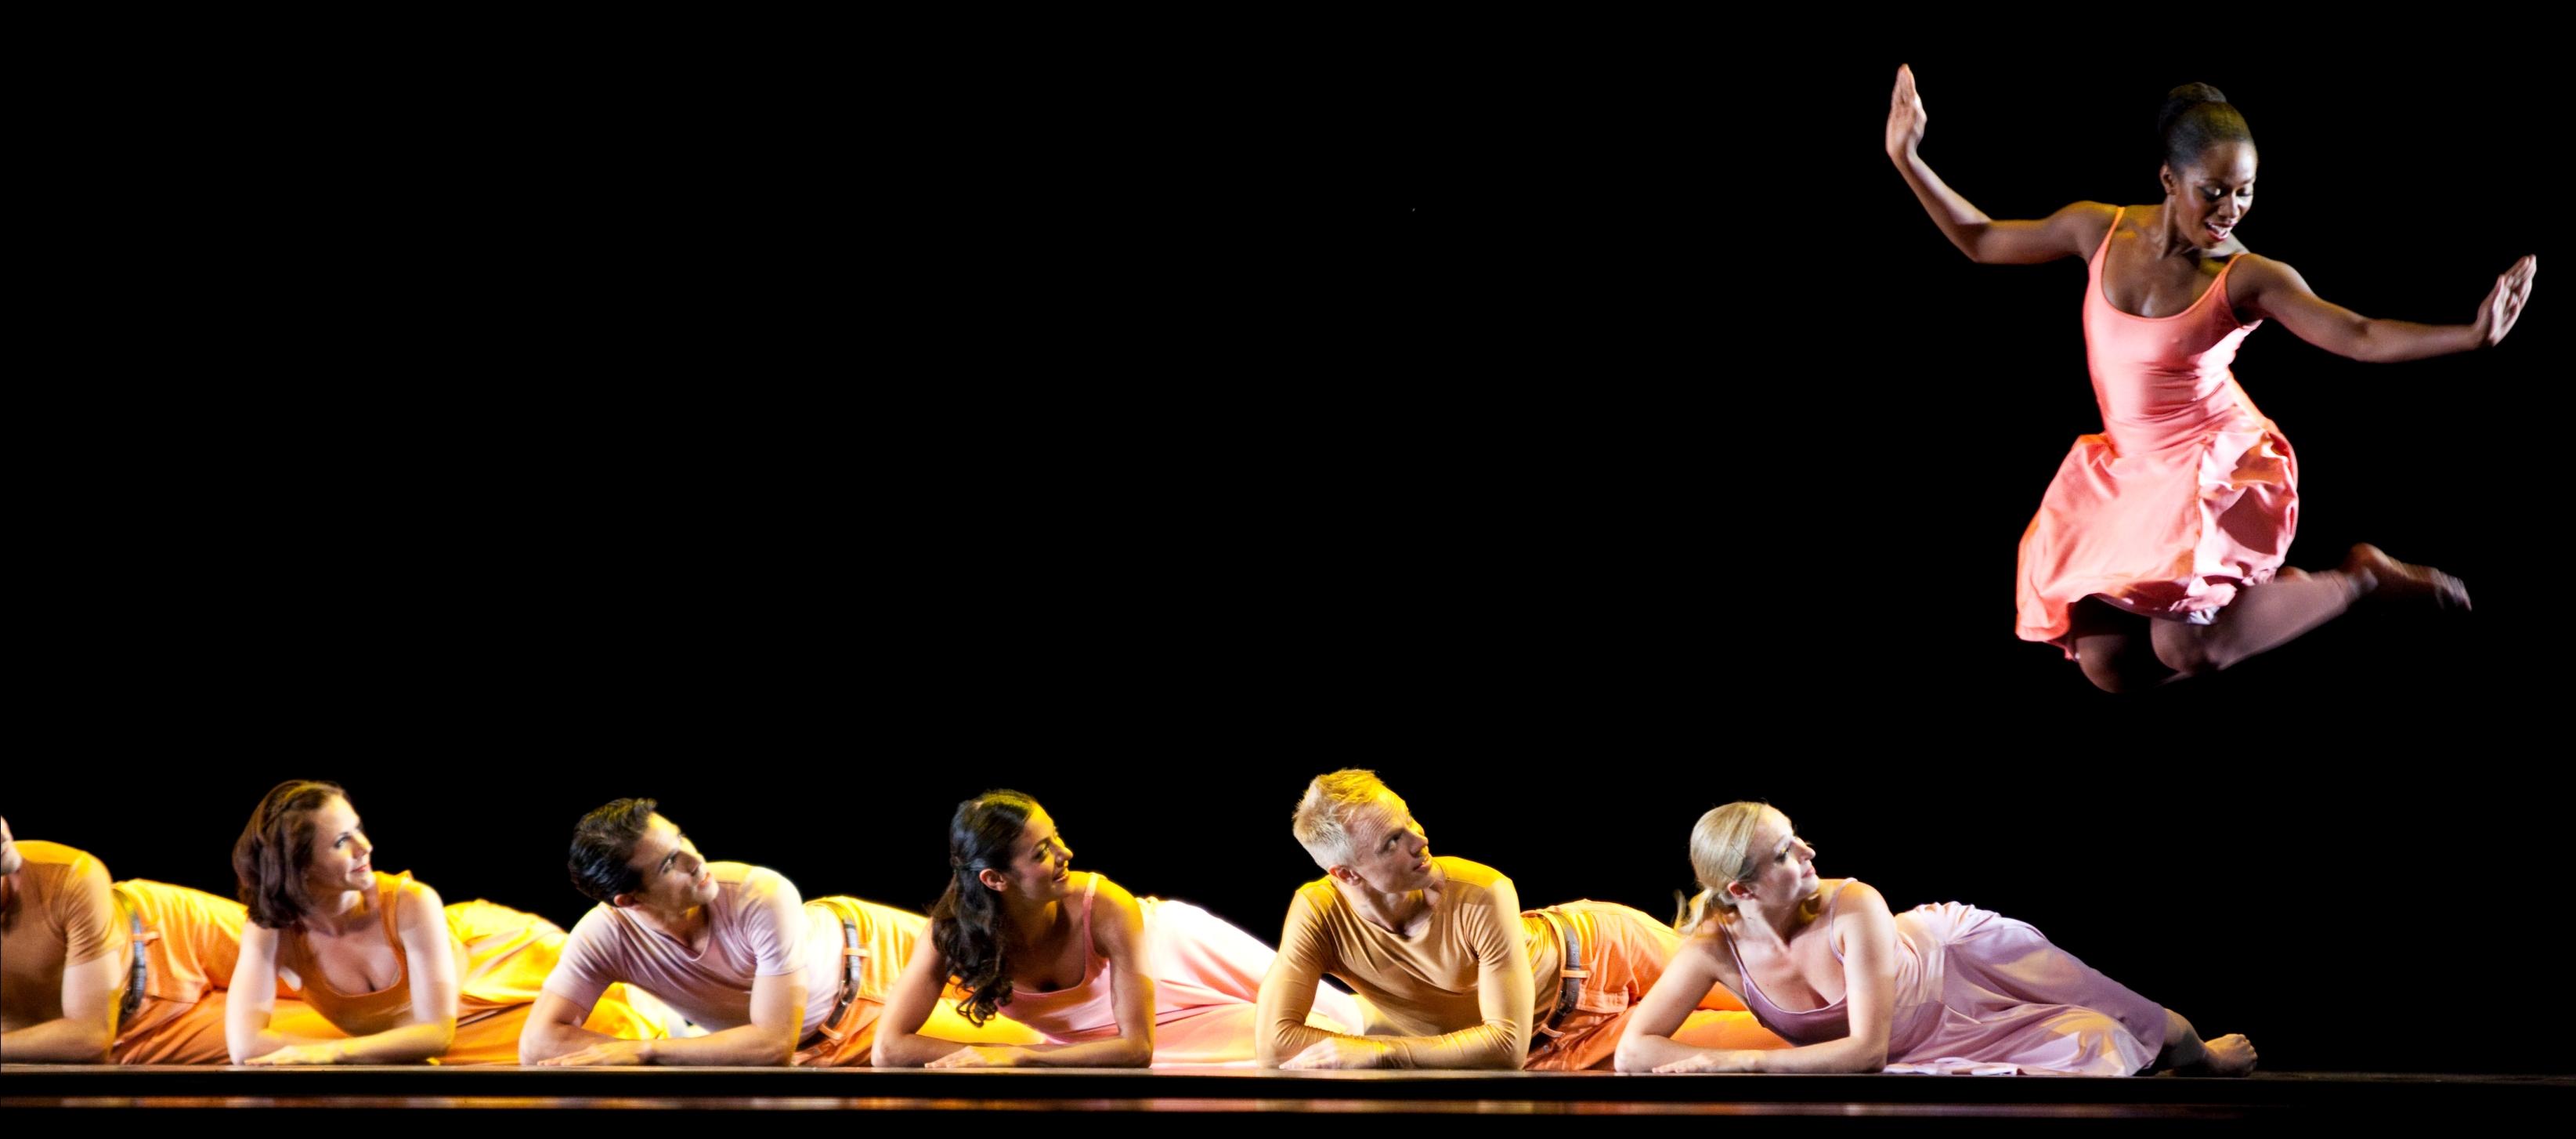 lowells dance company - HD3289×1454